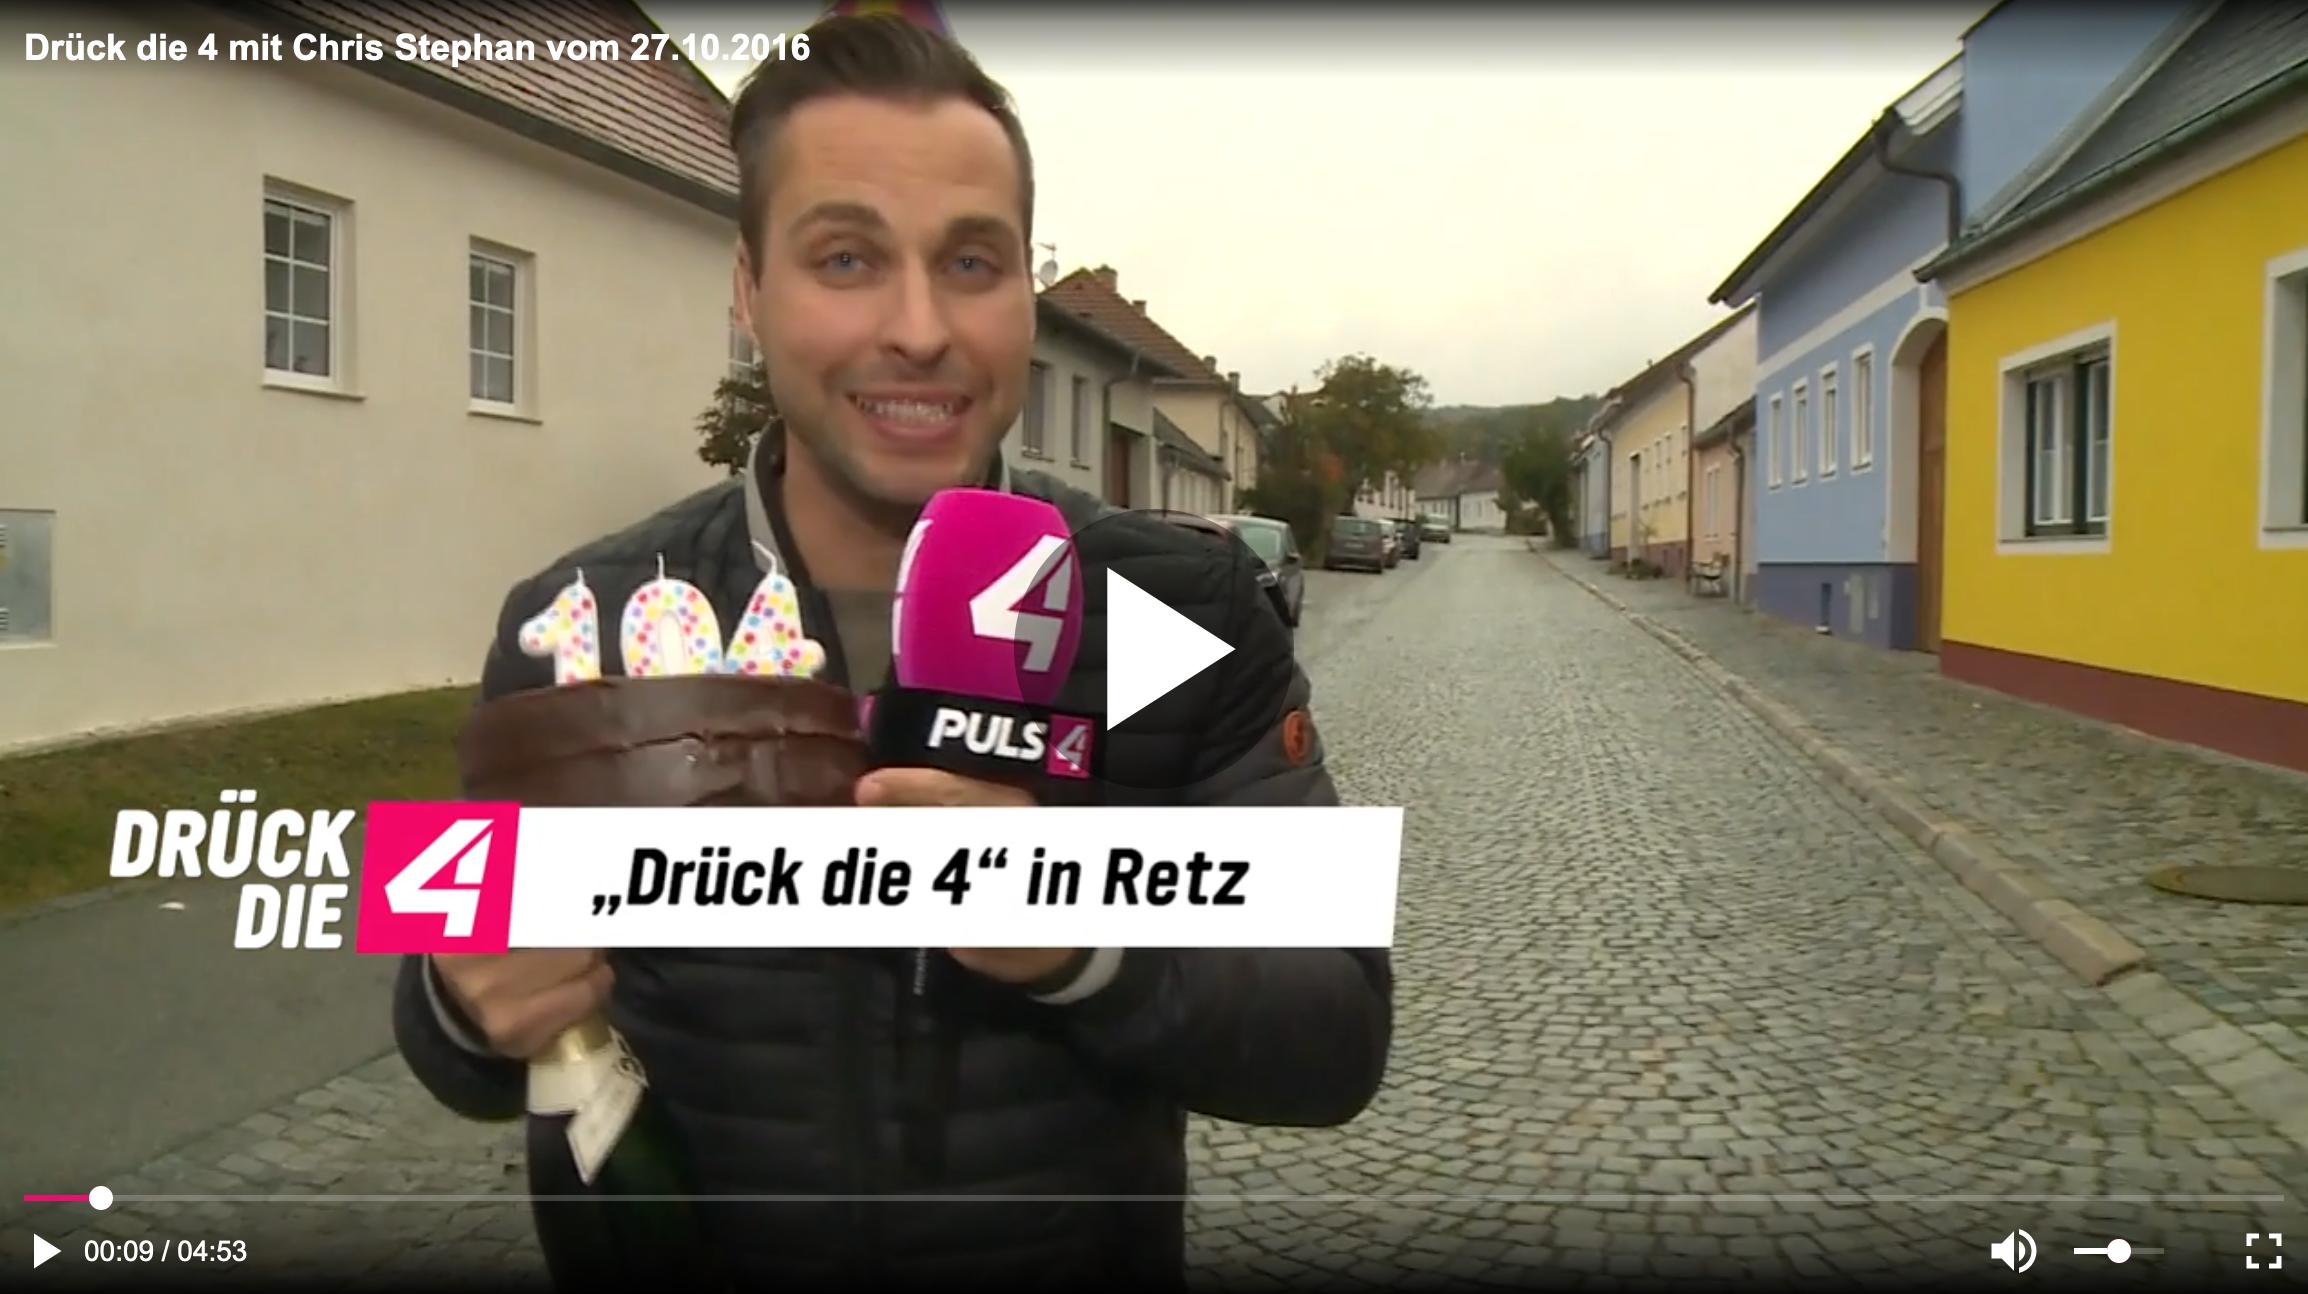 Drueckdie4